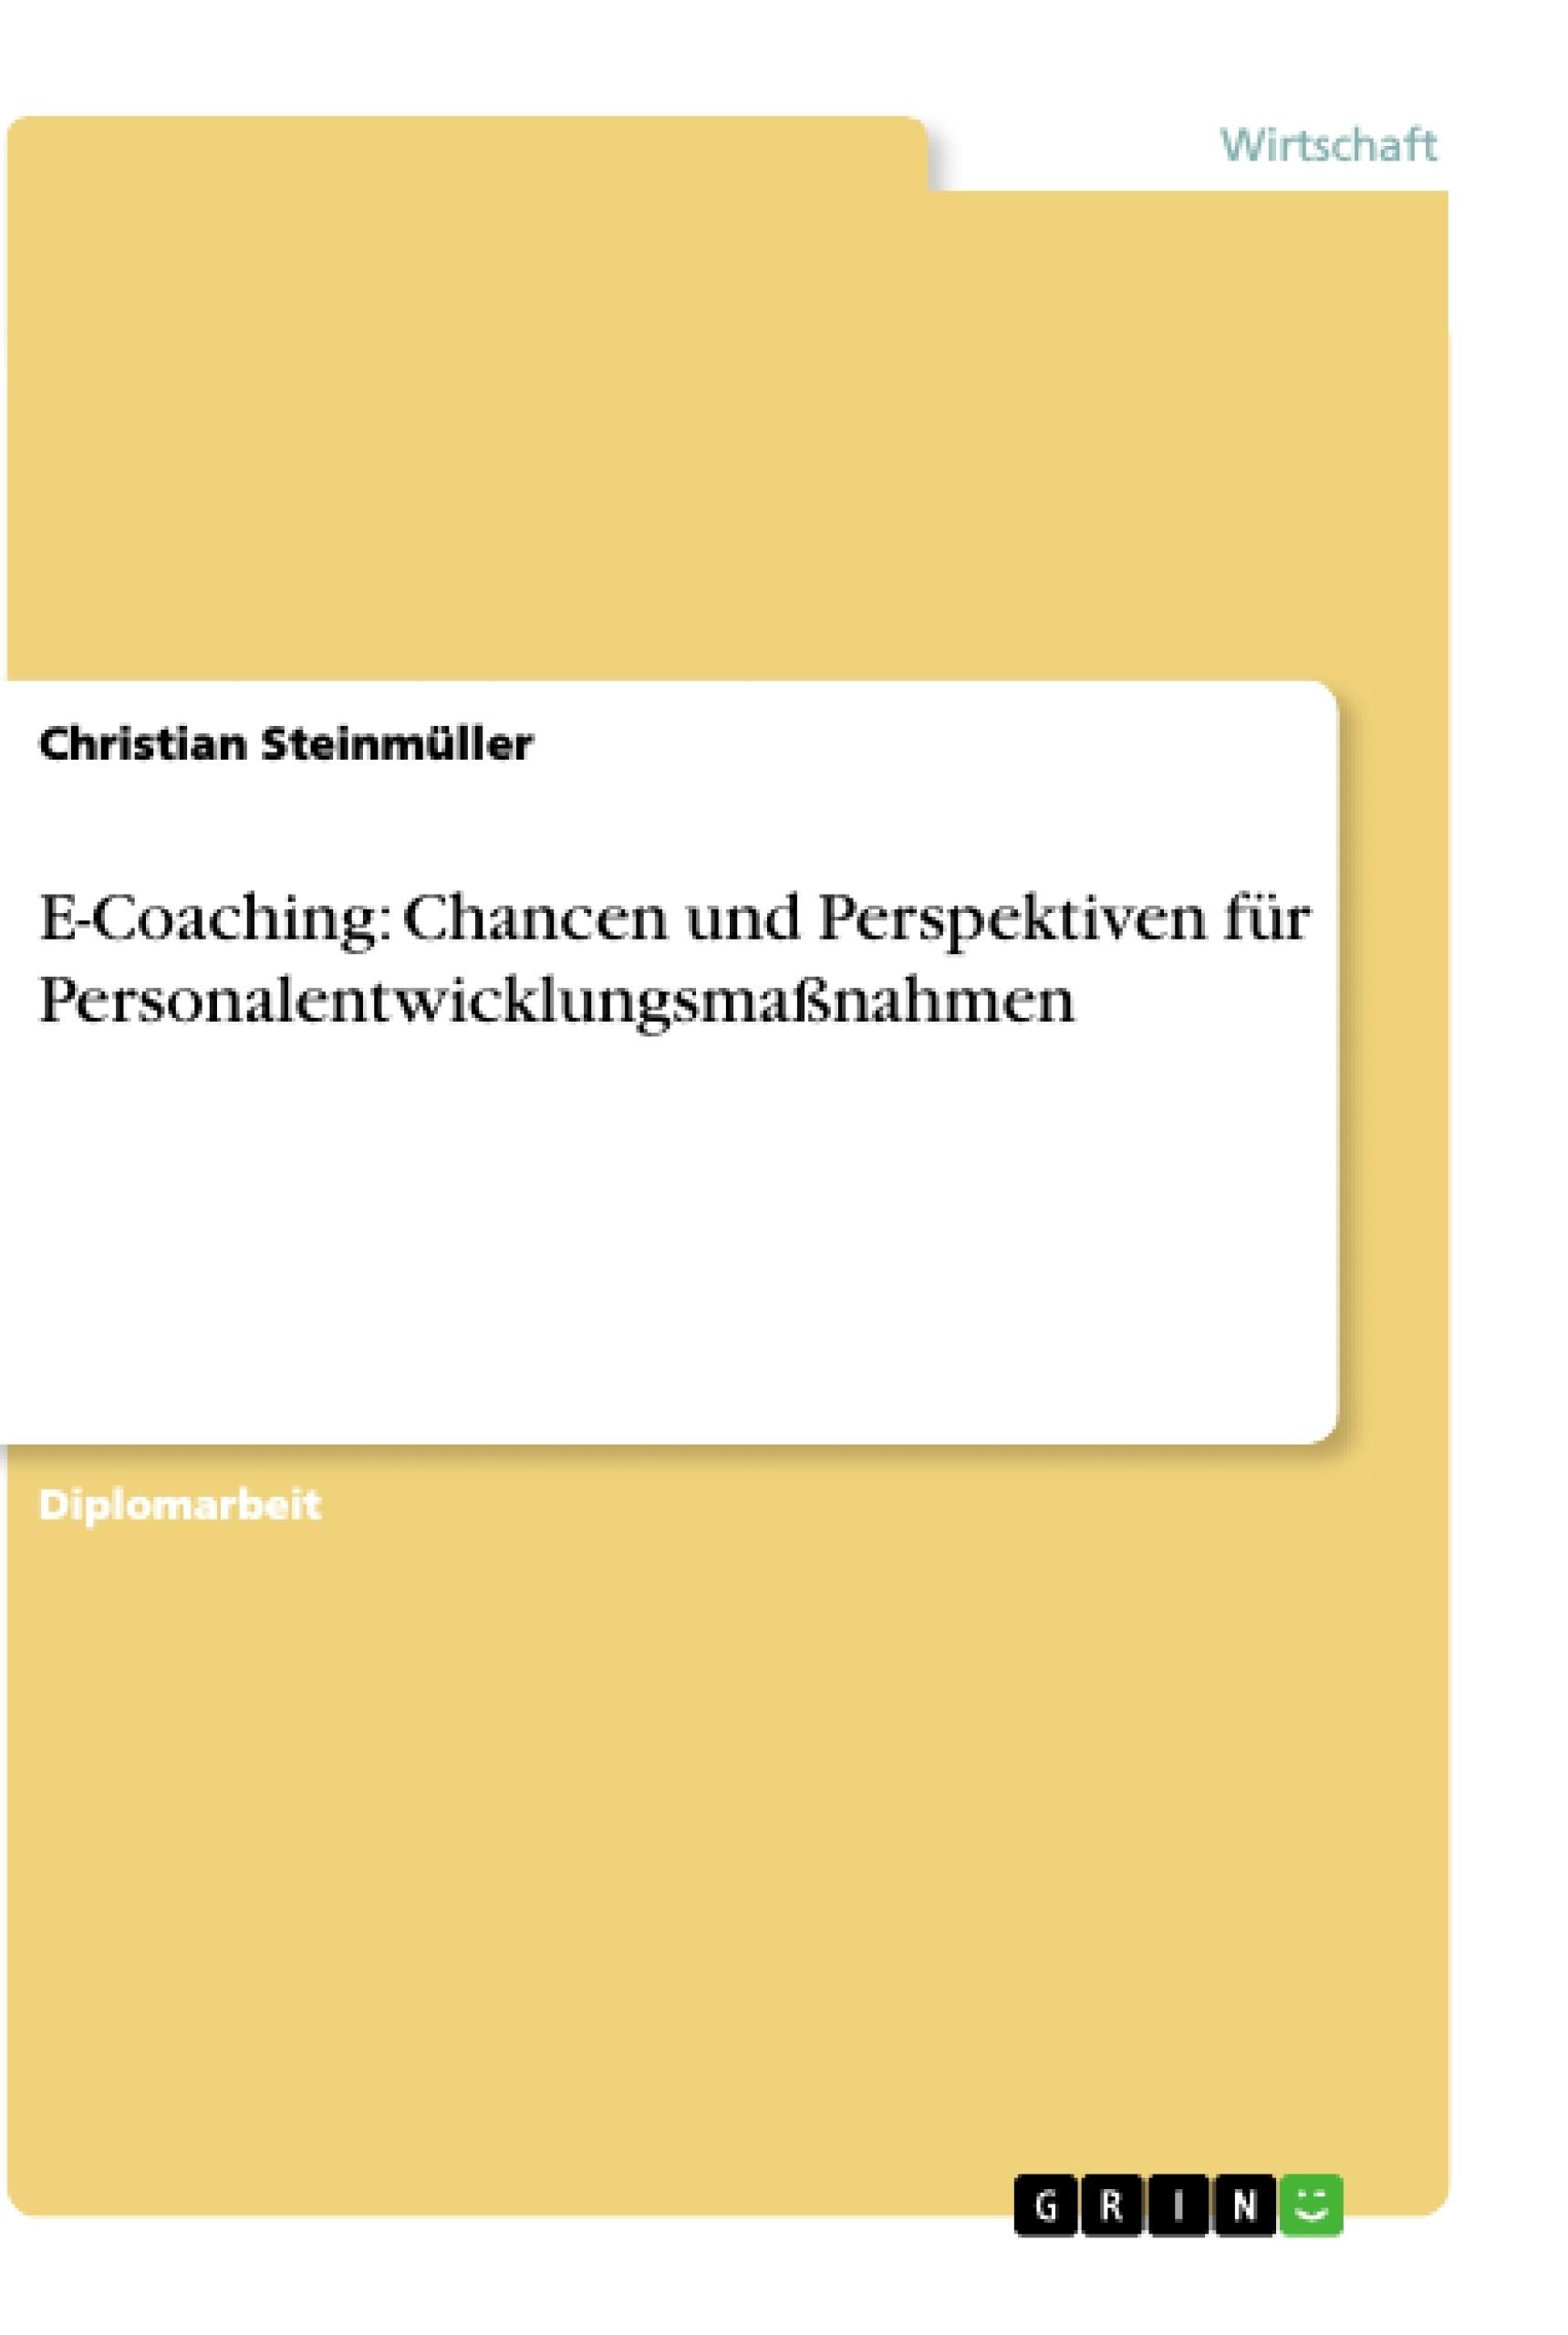 Titel: E-Coaching: Chancen und Perspektiven für Personalentwicklungsmaßnahmen